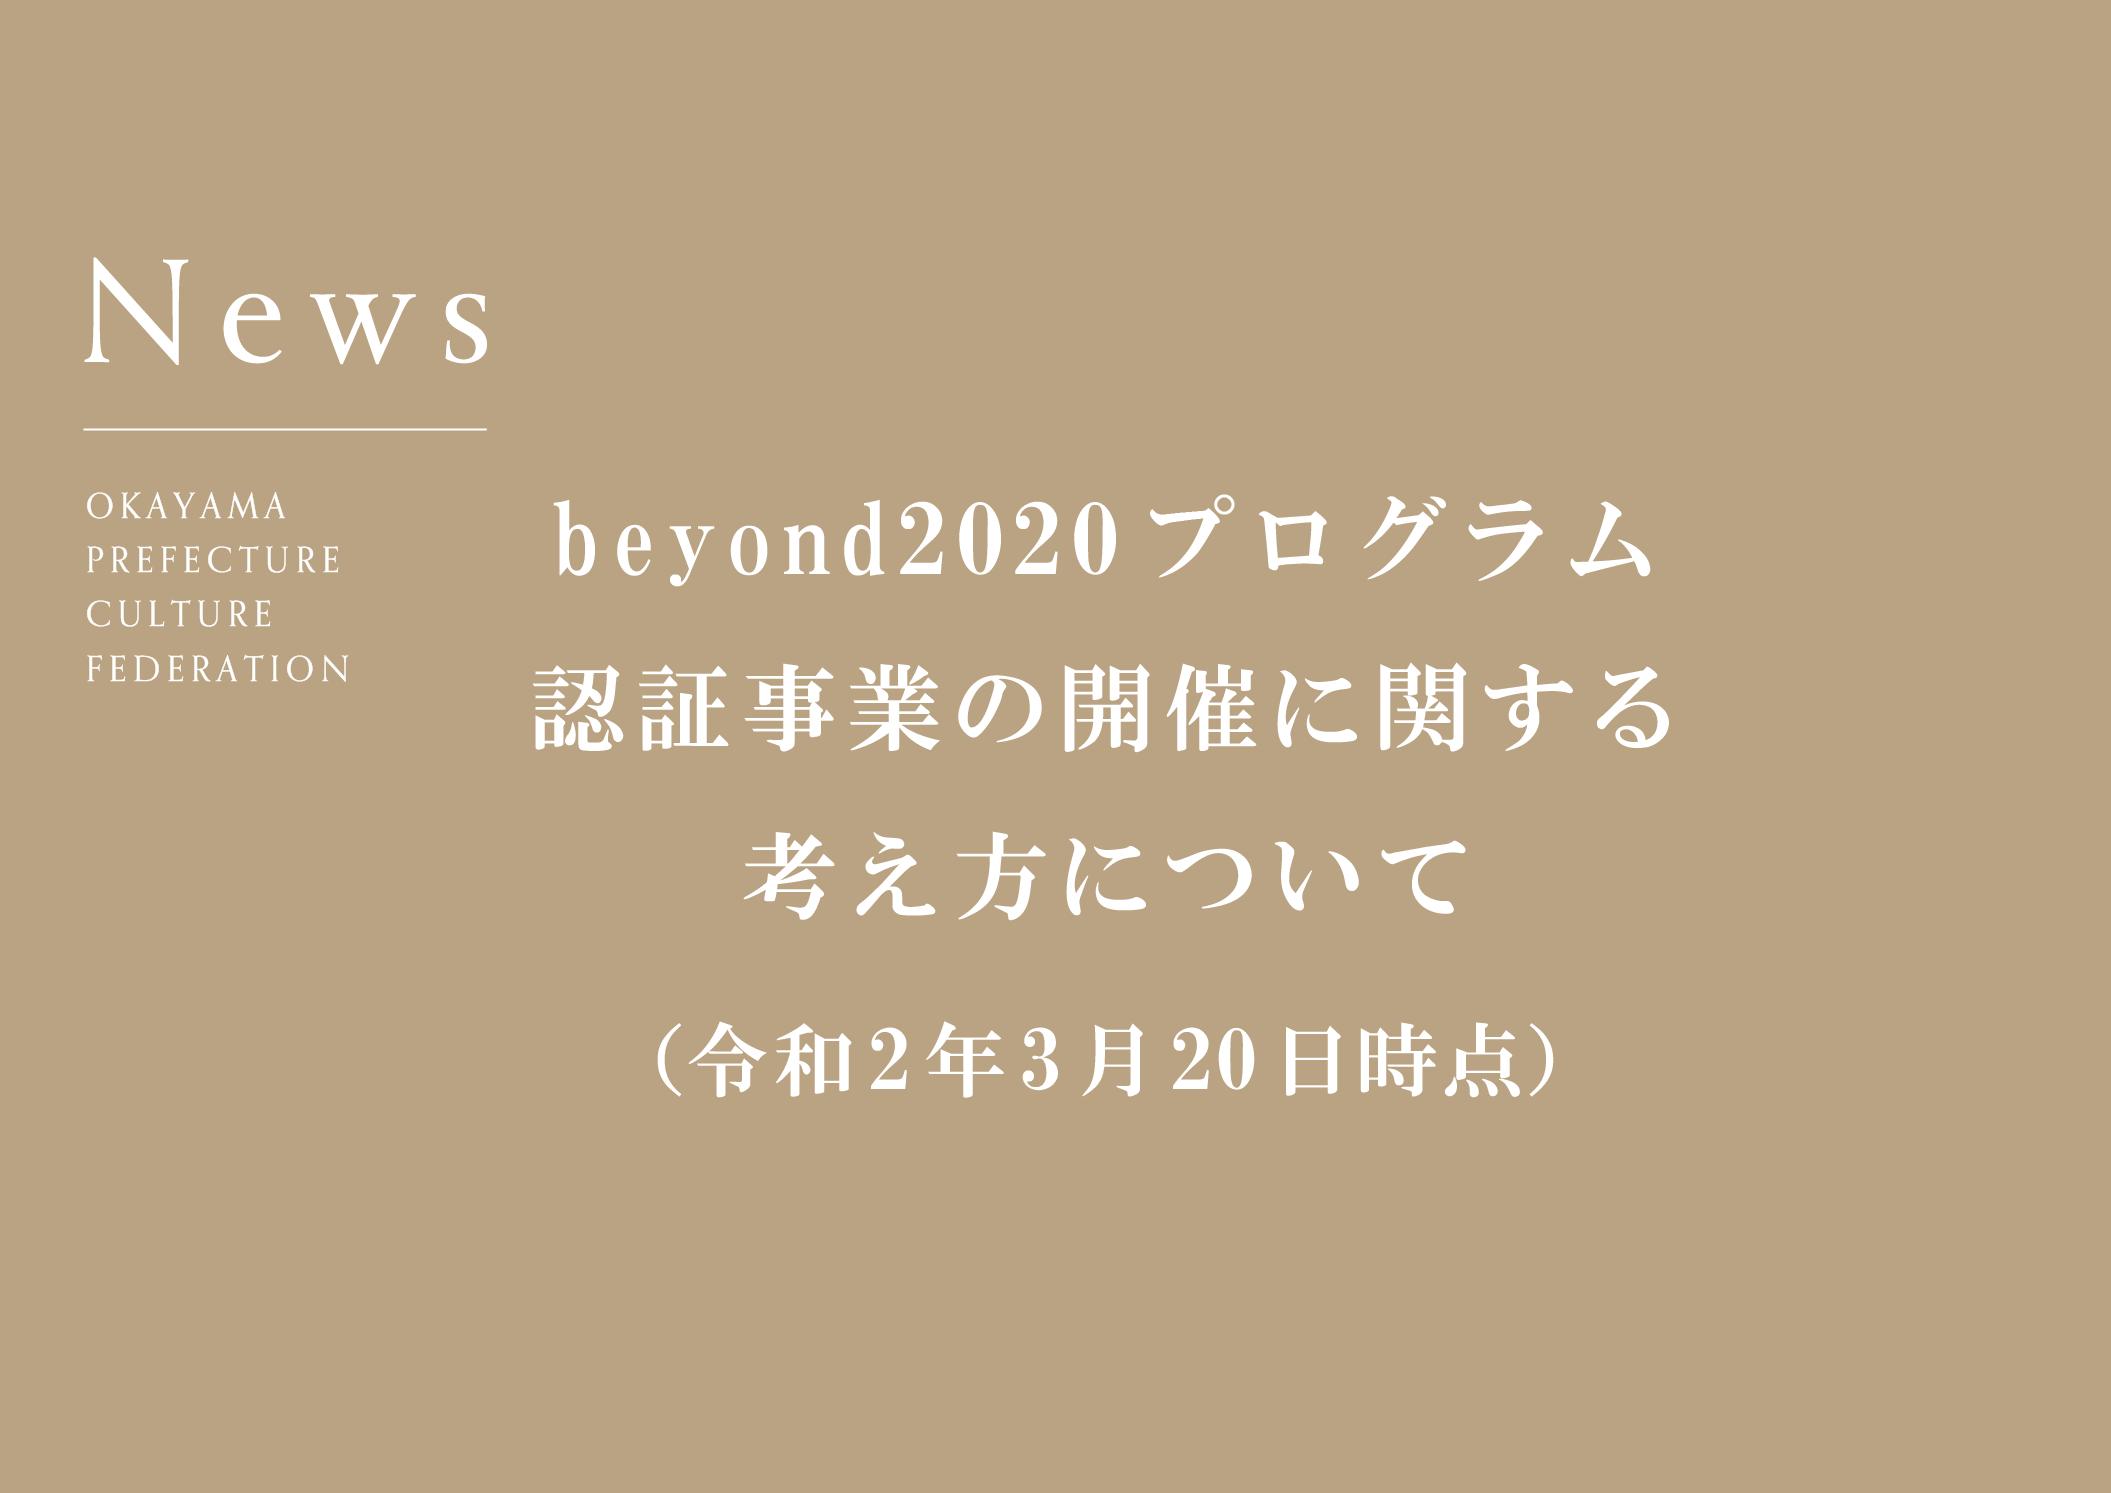 beyond2020プログラム認証事業の開催に関する考え方について